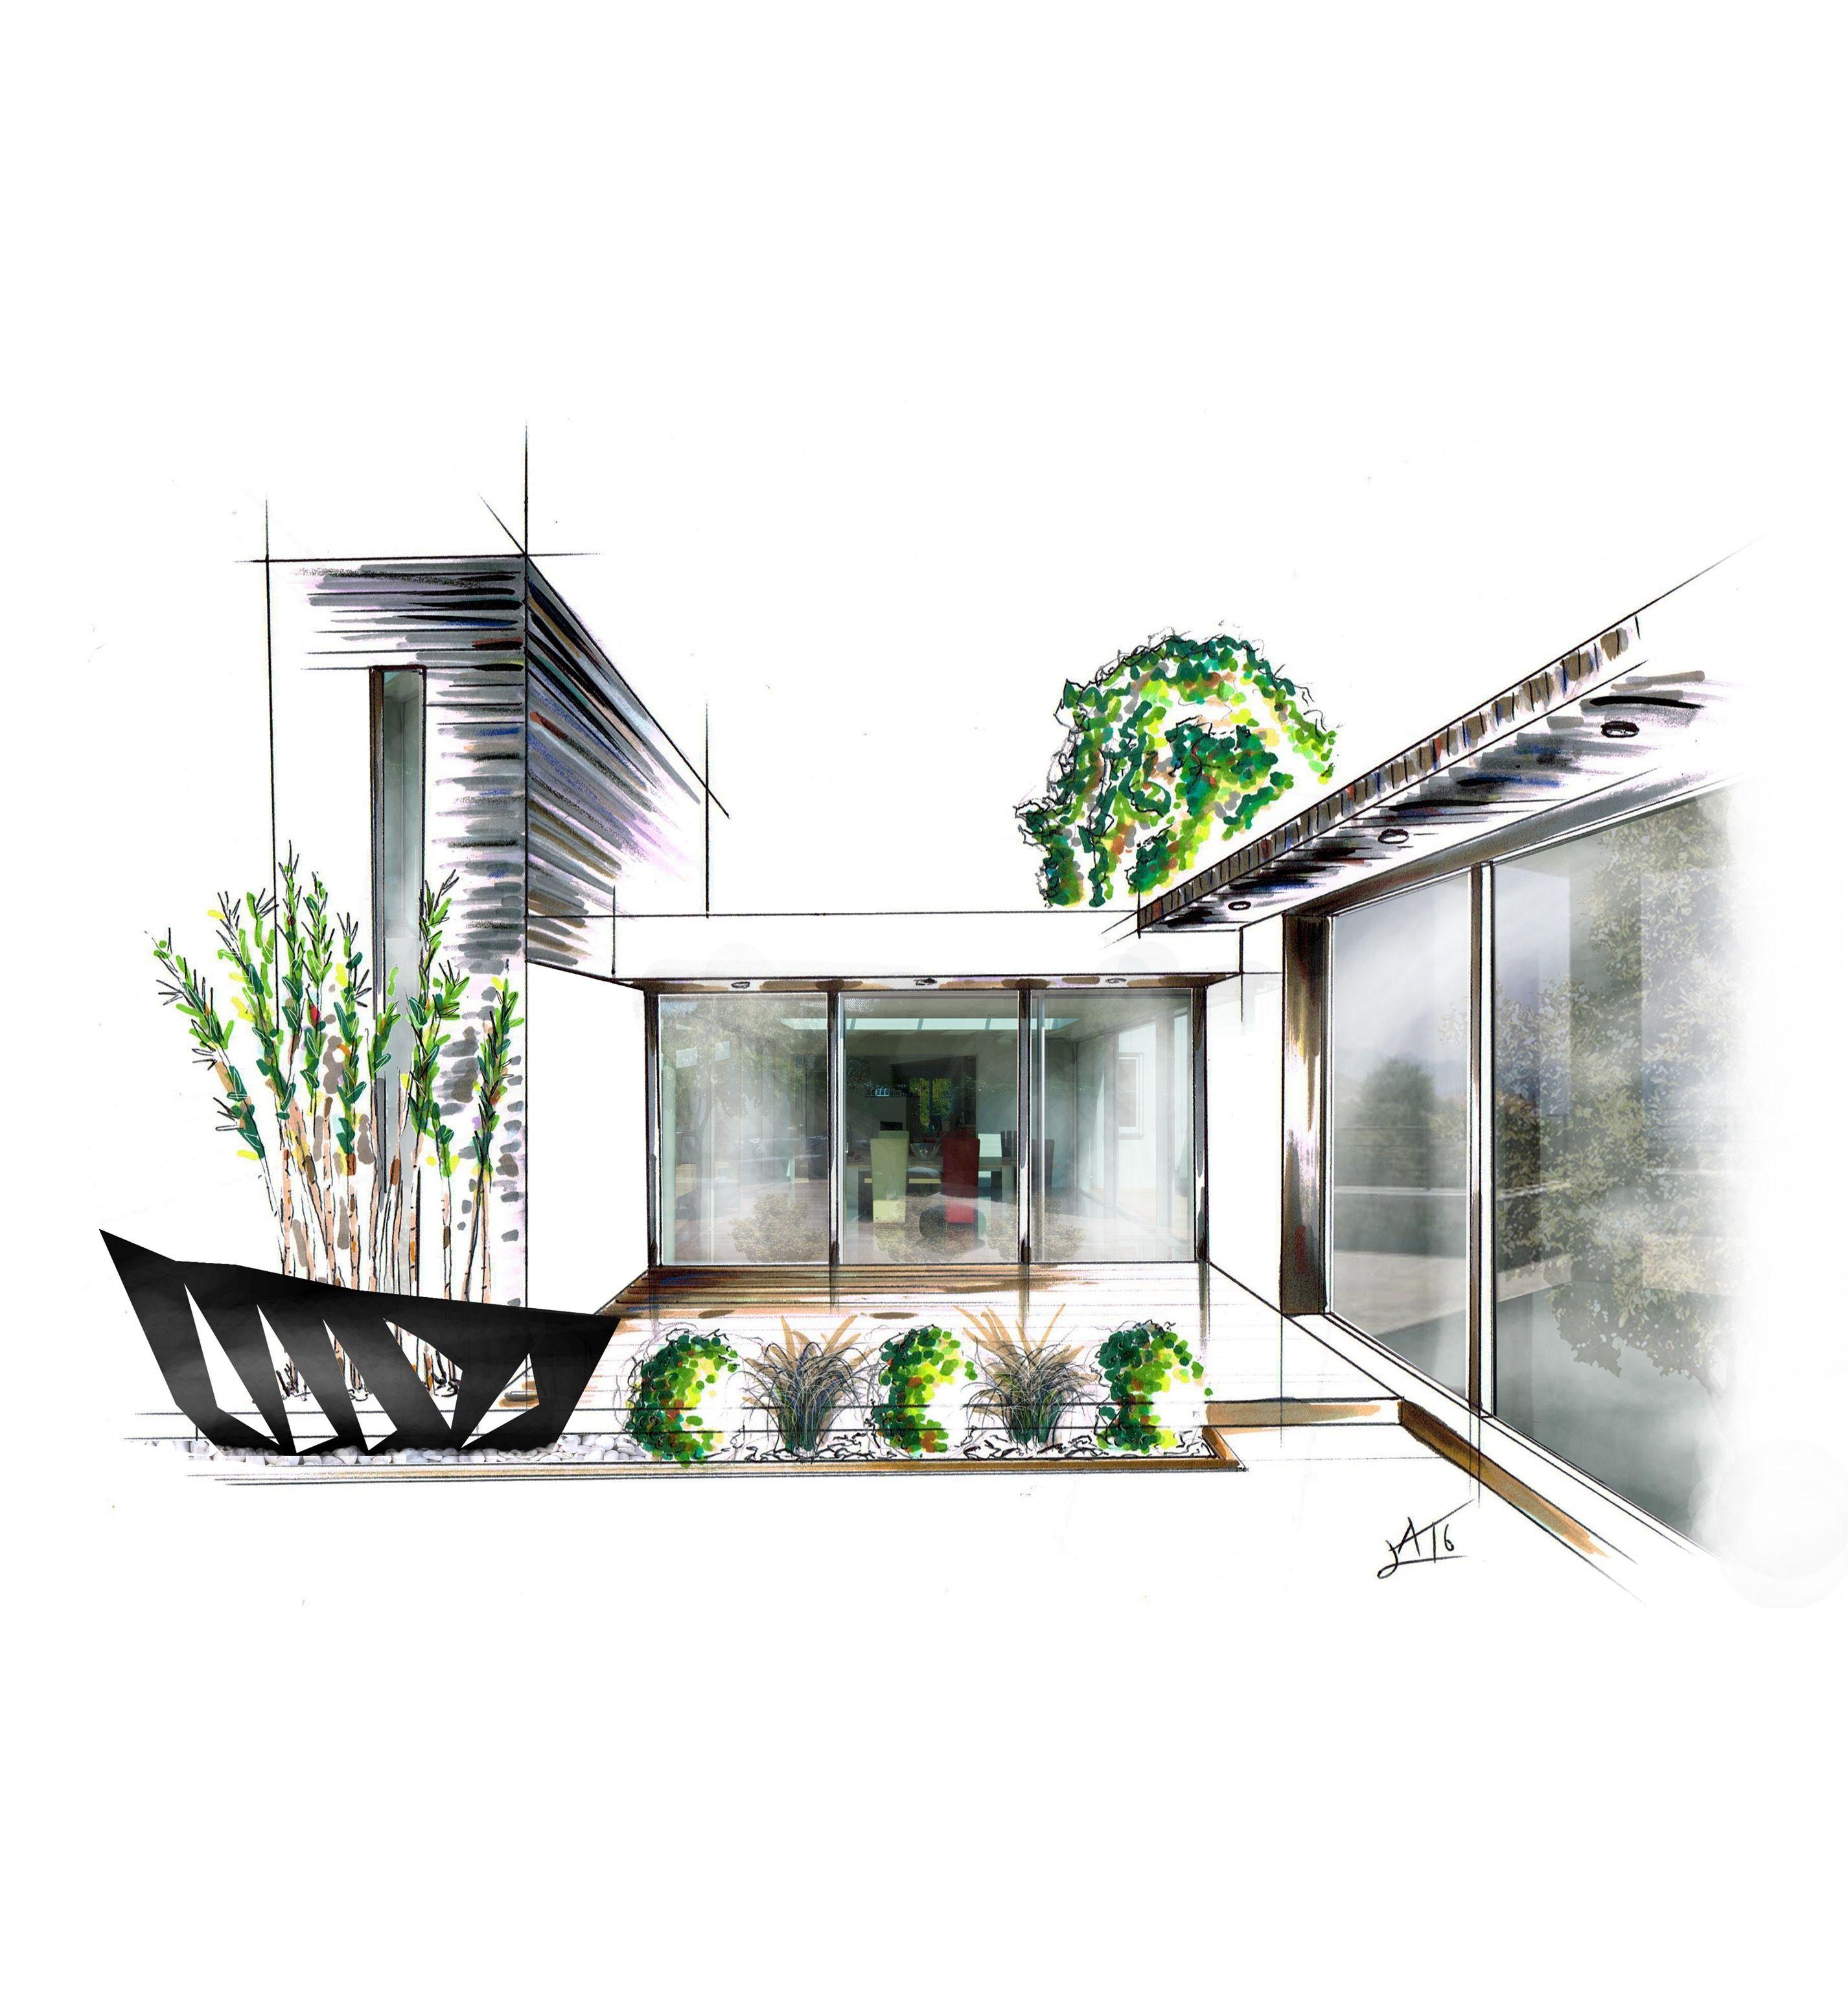 Dessin perspective croquis paysage artiste alexandre trubert a t elier 16 design architecte d